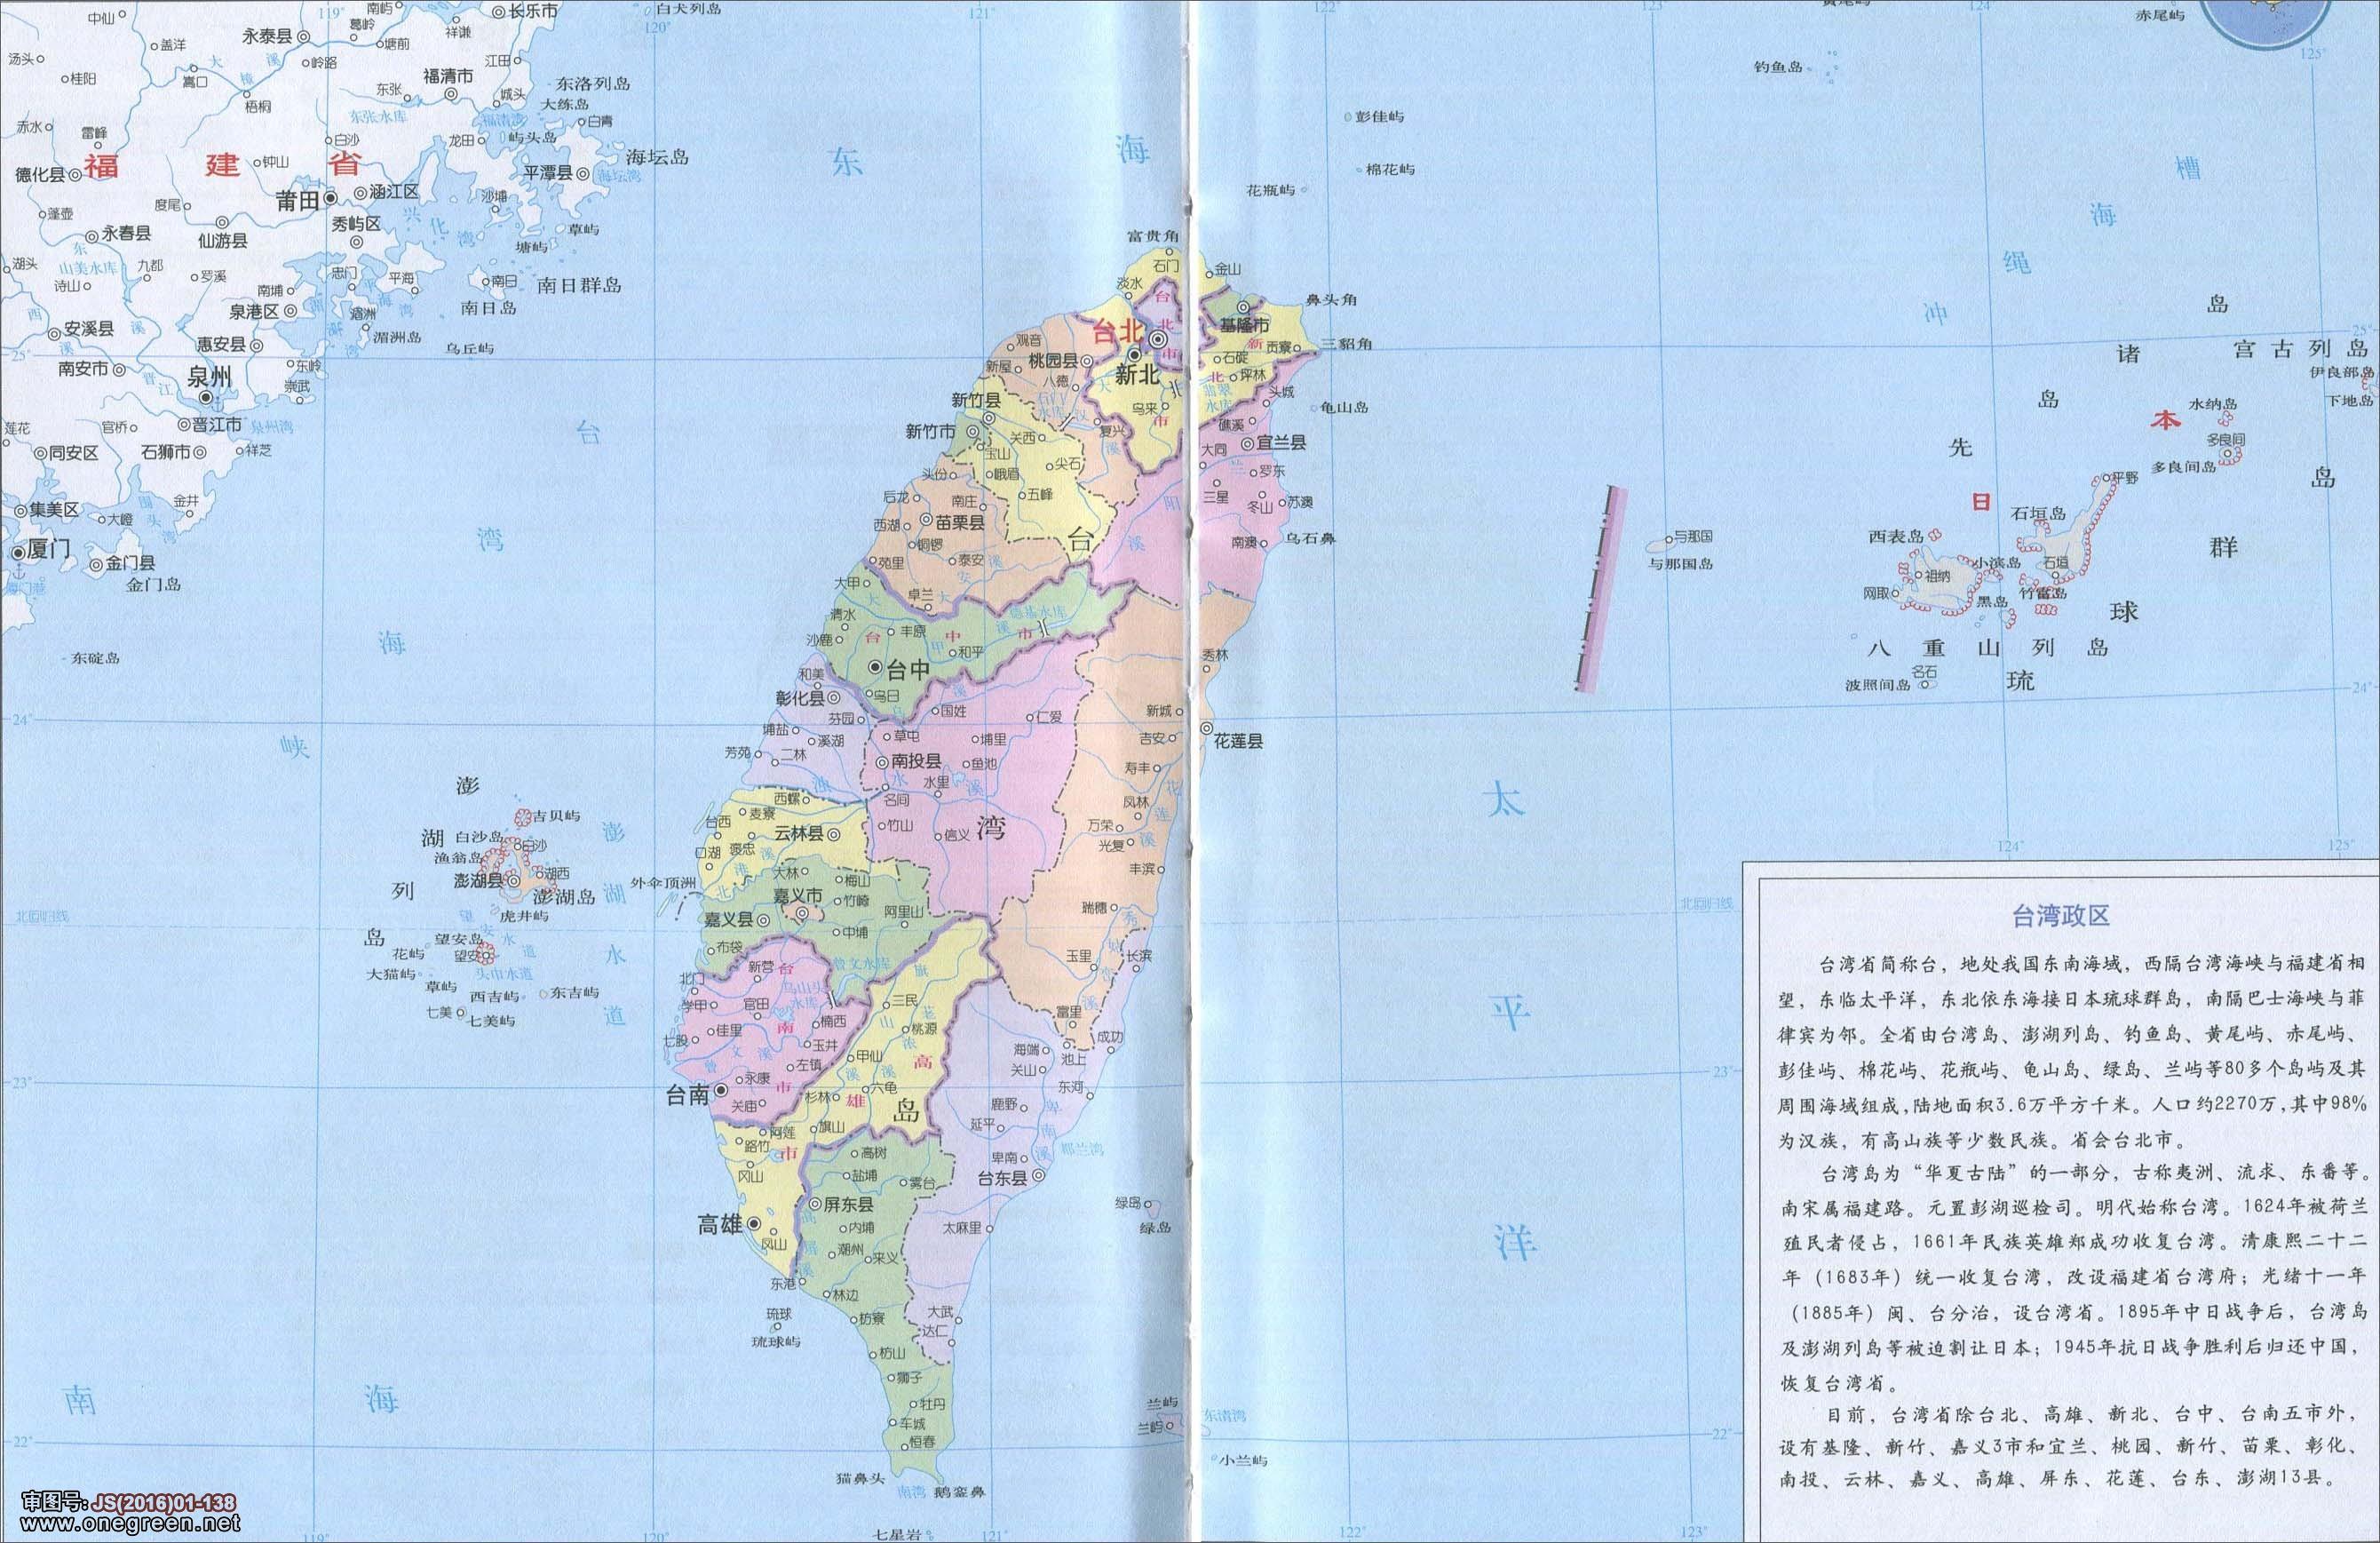 浙江旅游地图_台湾地图_台湾地图全图_中国台湾地图_地图窝